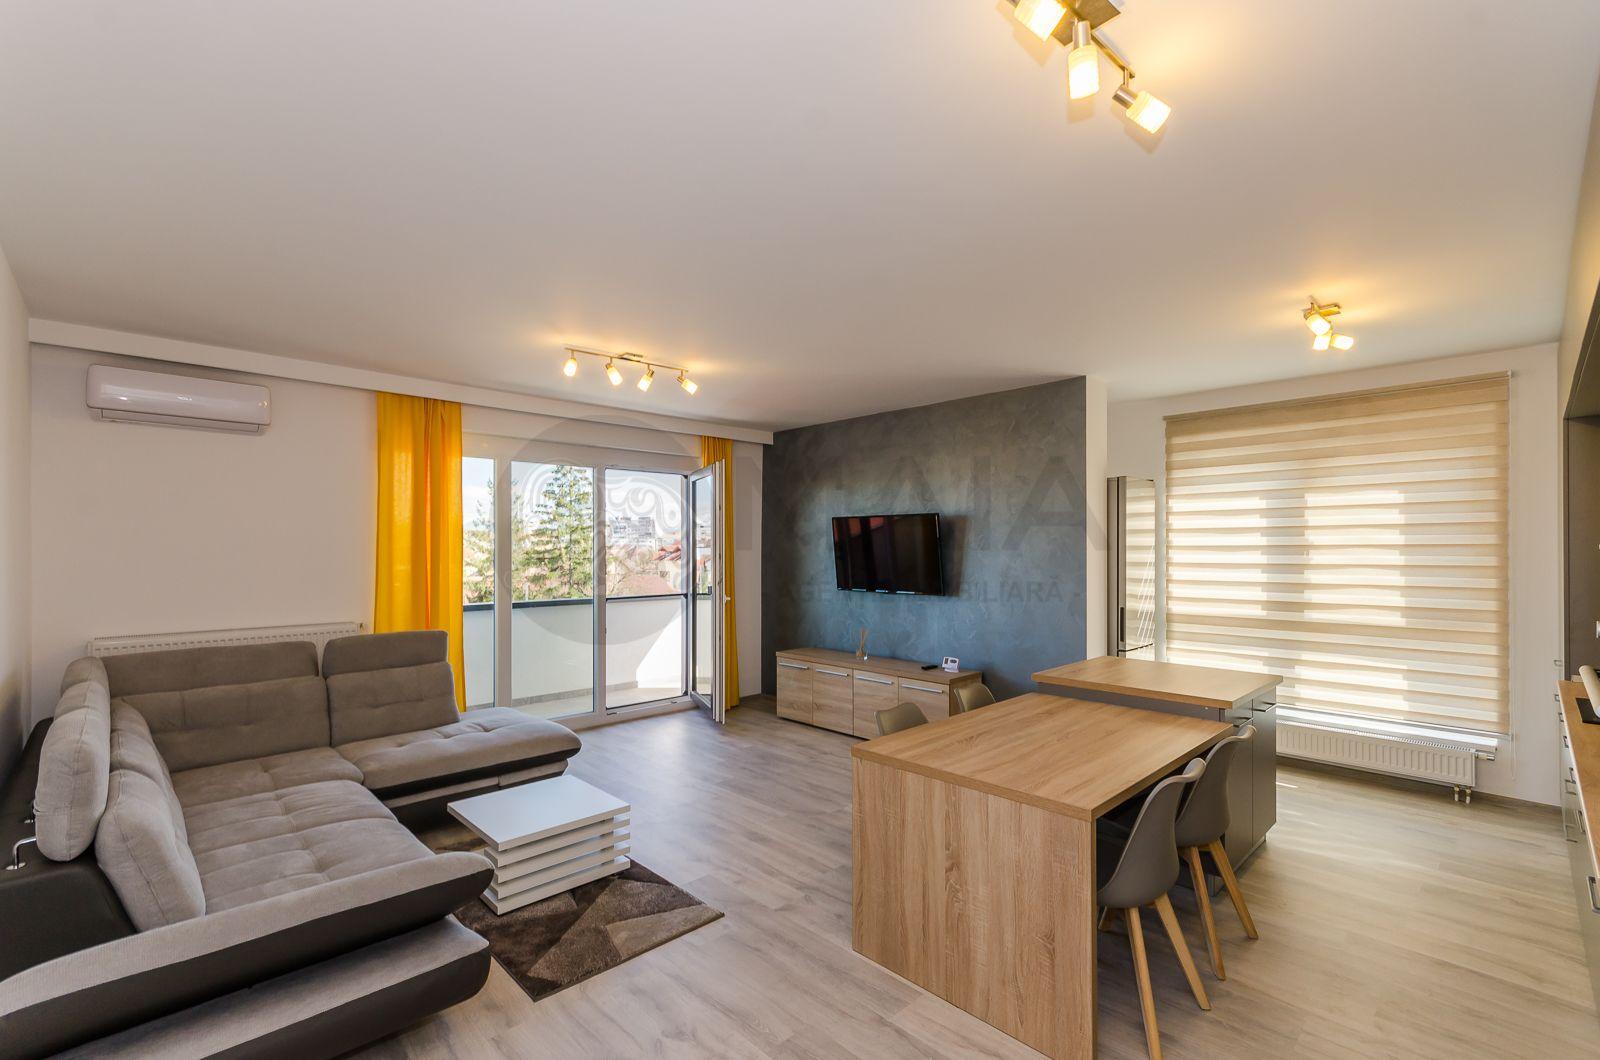 Apartament 3 camere NOU, prima inchiriere,lift, garaj, Calea Dumbravii